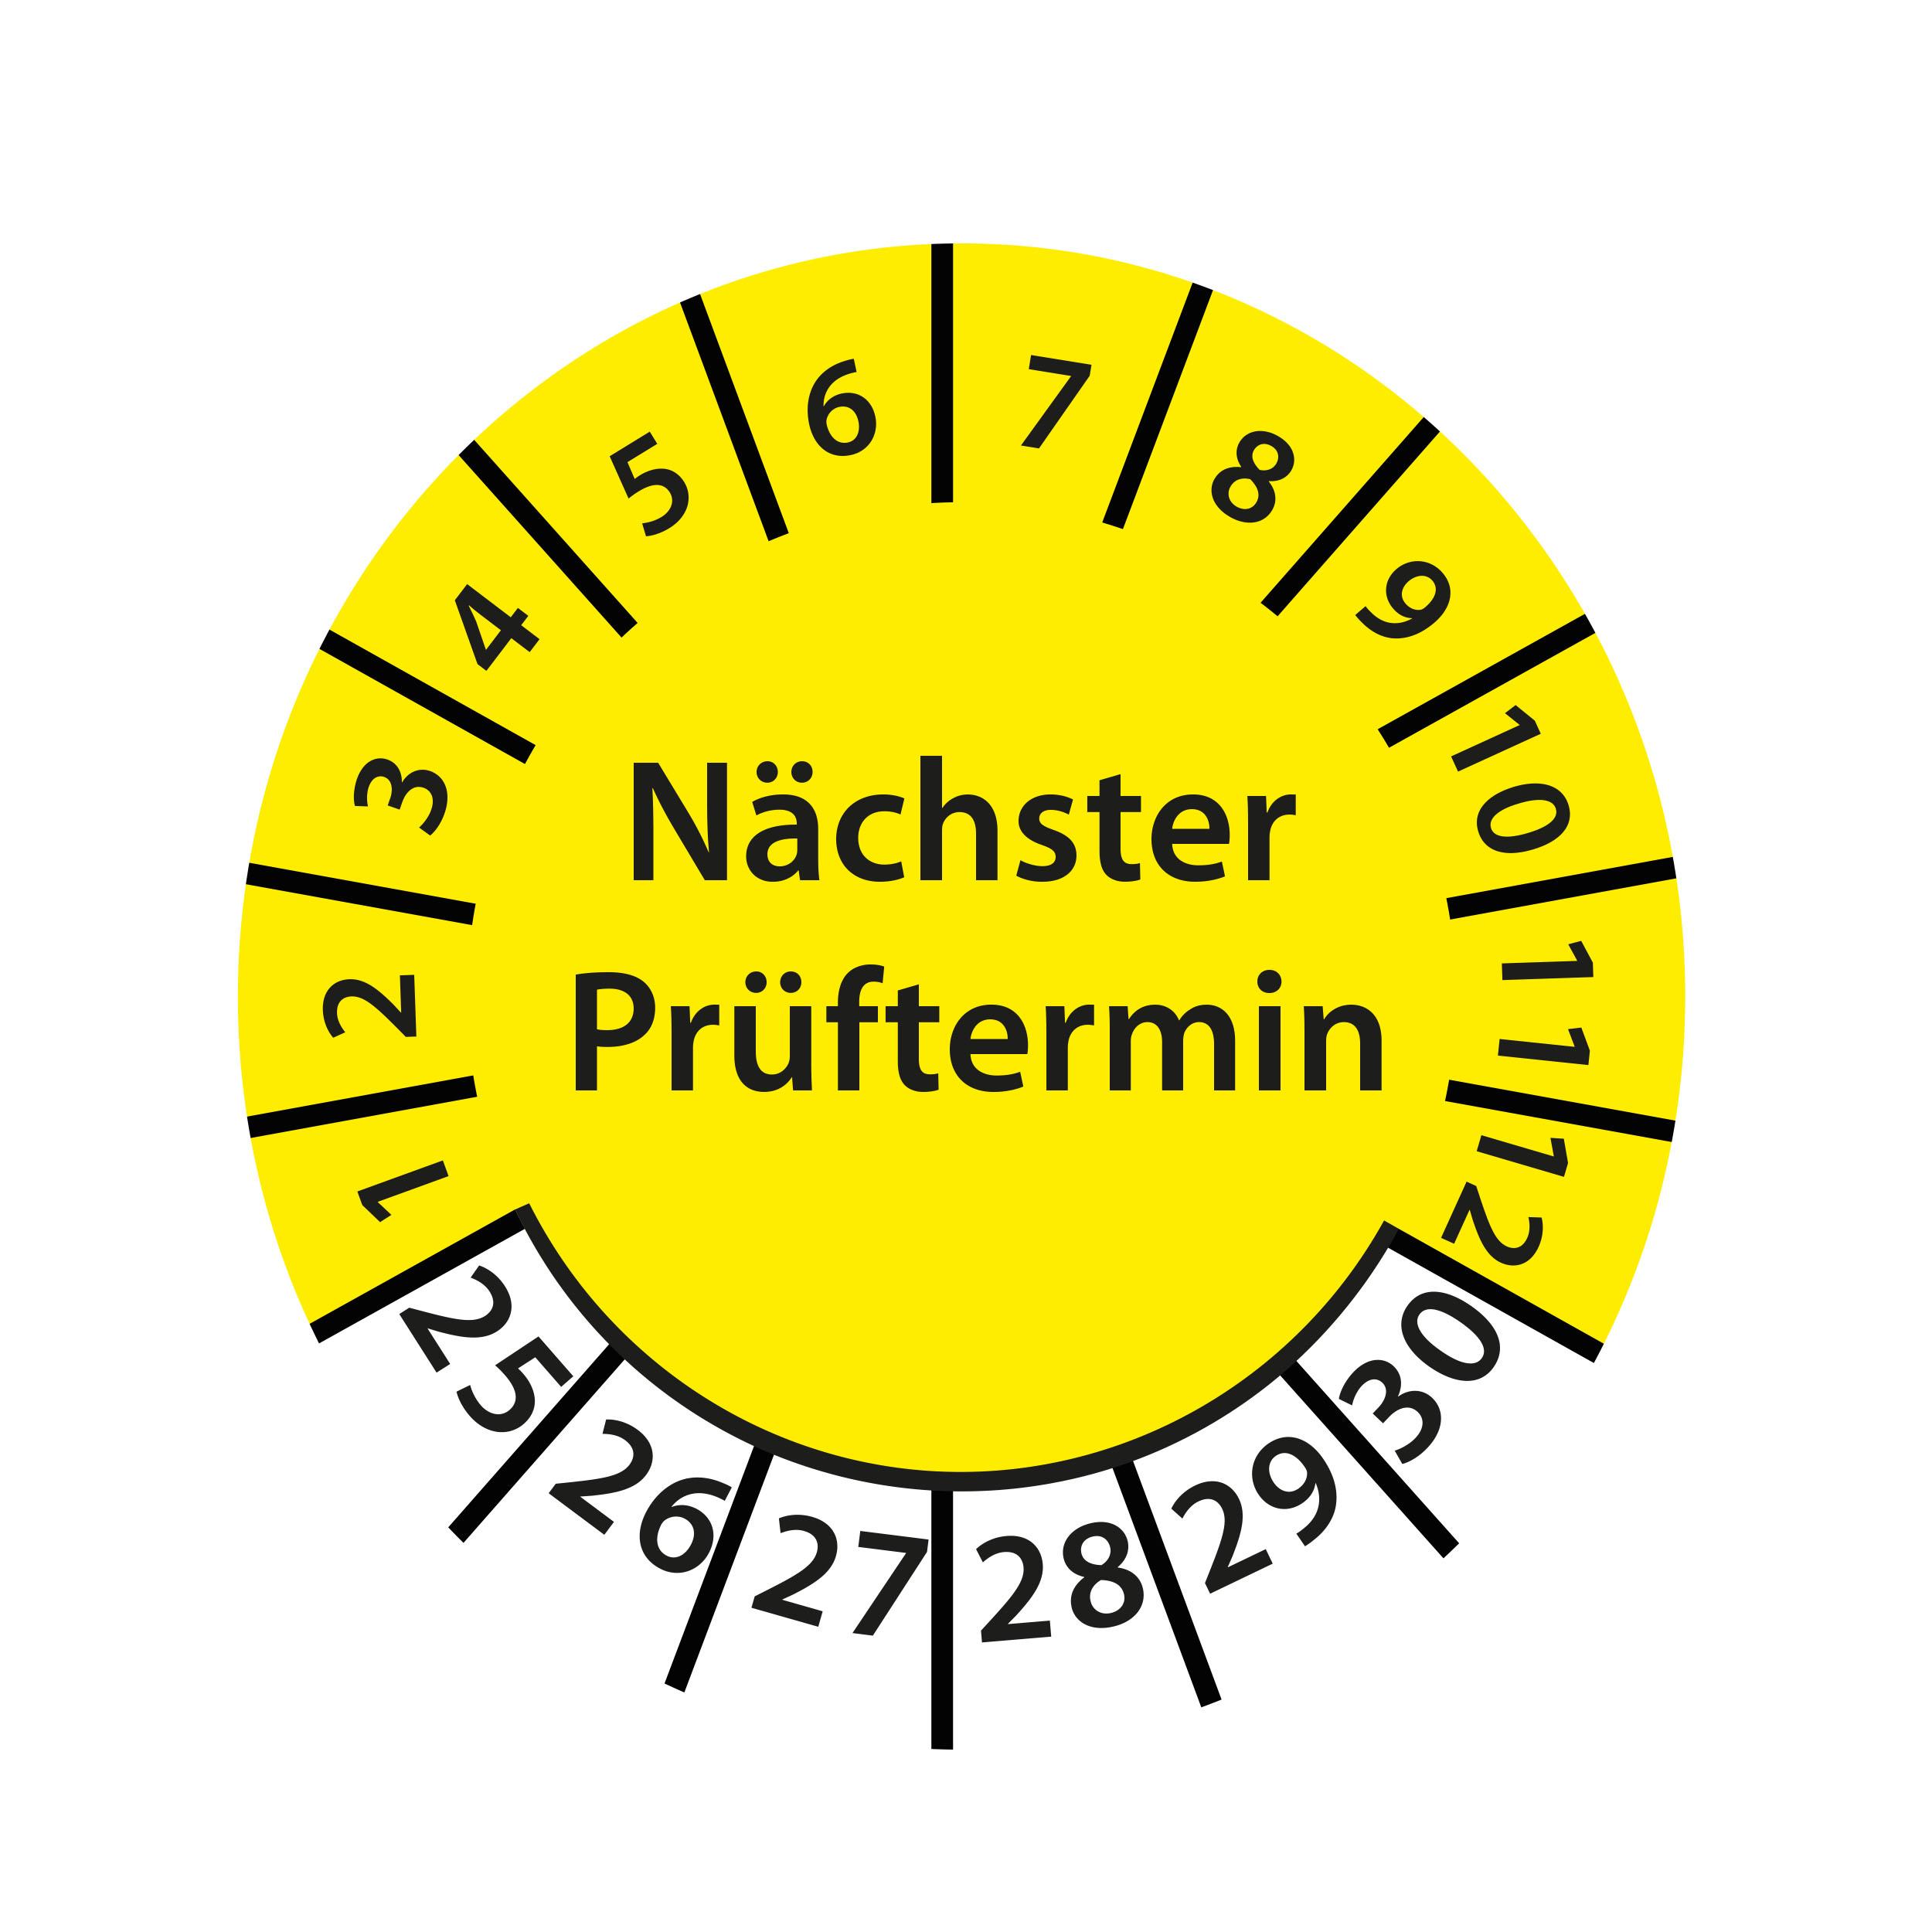 Prüfplakette Nächster Prüftermin 2025-2030 Ø 30mm Rund Gelb / Blau Prüfetikett Prüfaufkleber